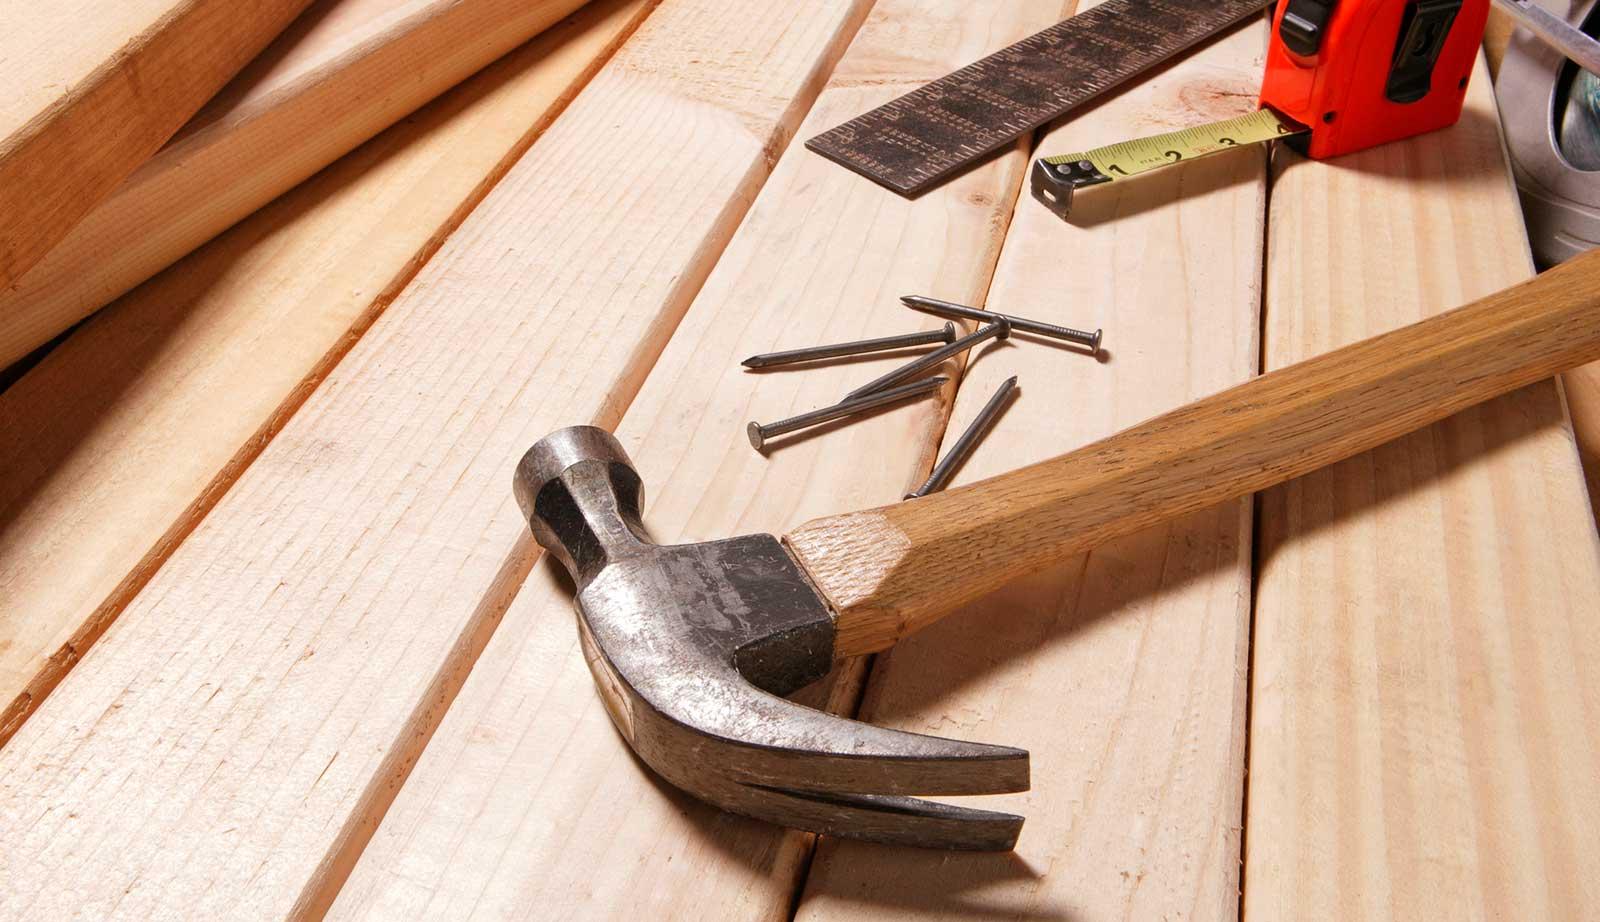 Tisch mit Werkzeug Holz